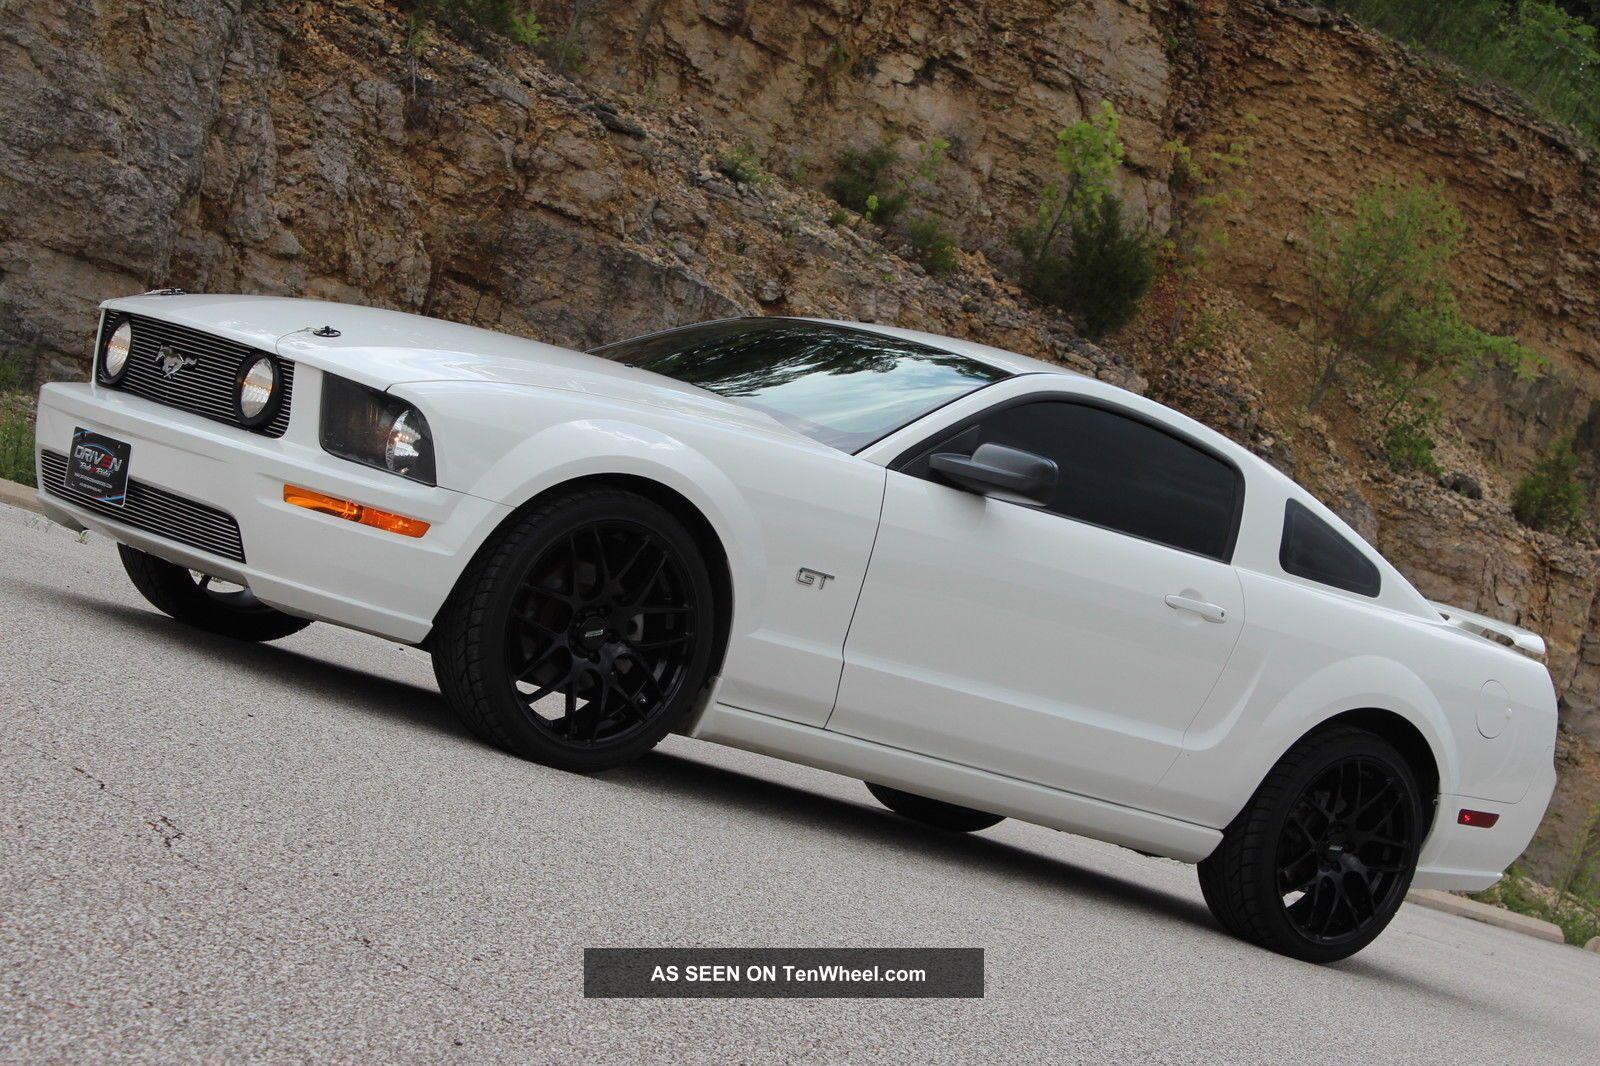 All Types 2006 mustang gt specs : 2006 Mustang Gt, 5 Speed, Rims, Shaker, Custom,